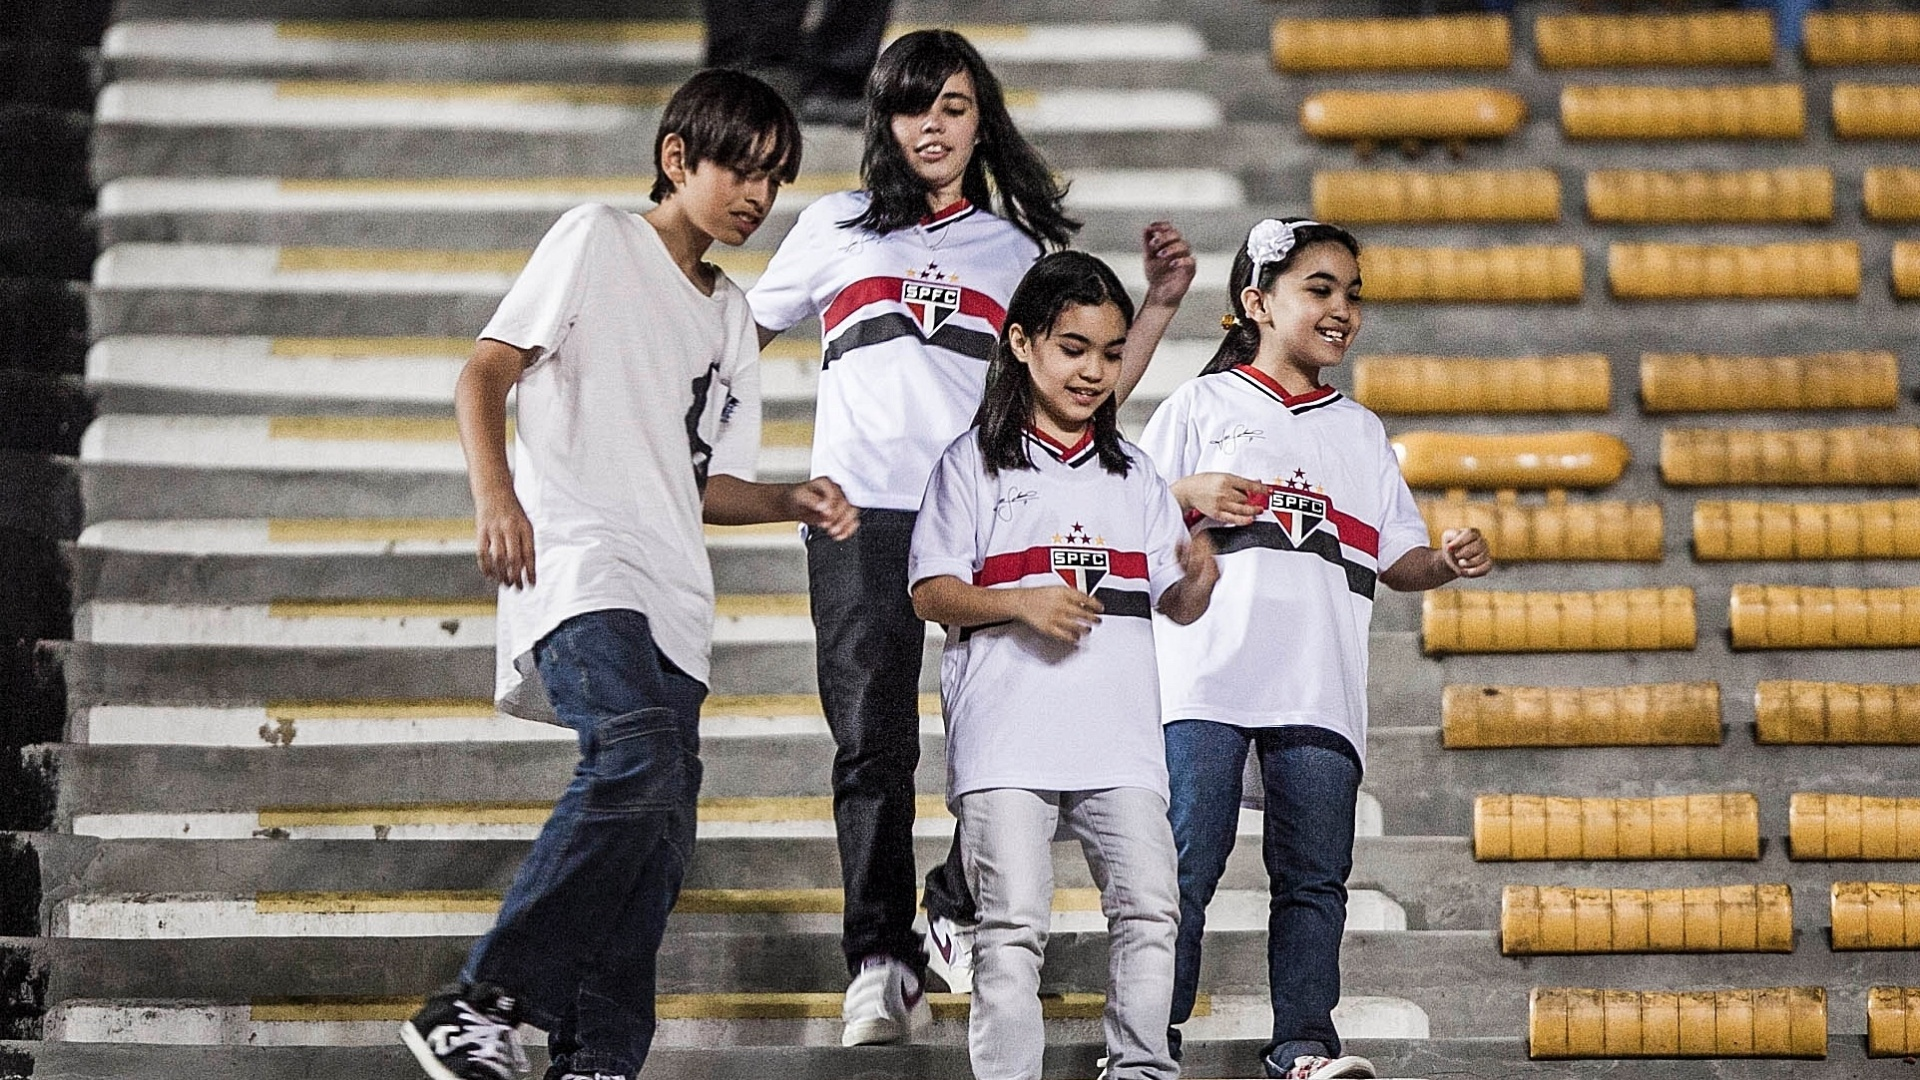 Jovens torcedores do São Paulo caminham pelas arquibancadas do estádio do Morumbi antes do jogo contra o Bahia